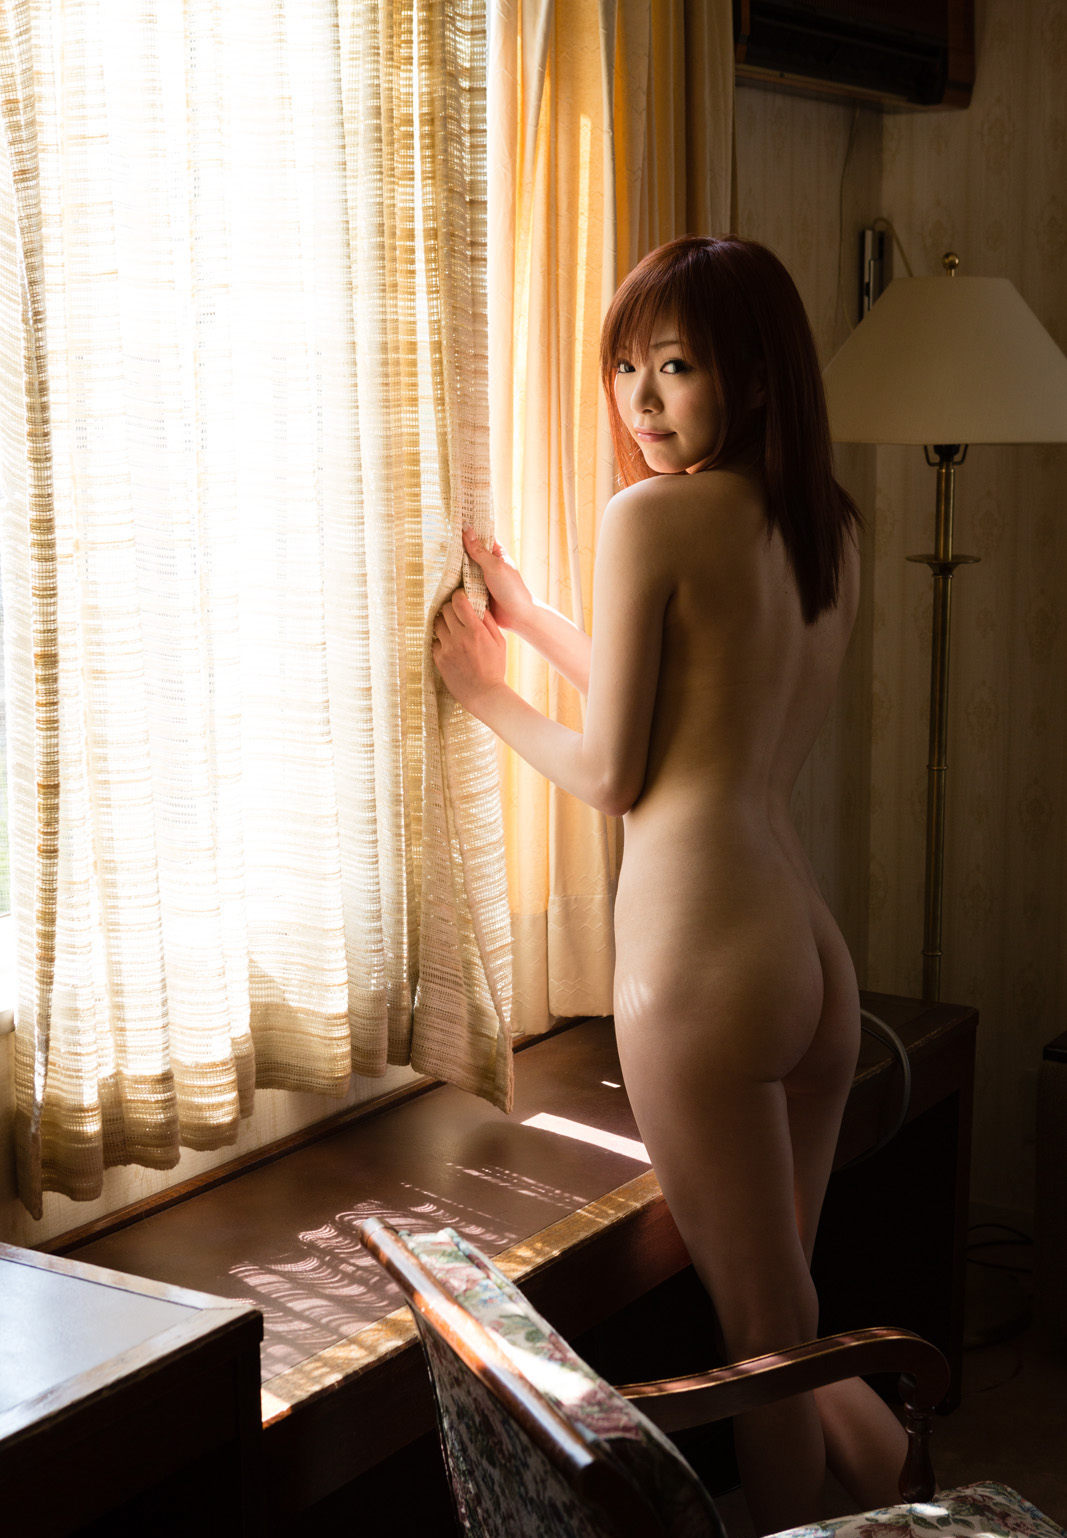 AV女優 MIYABI 画像 34